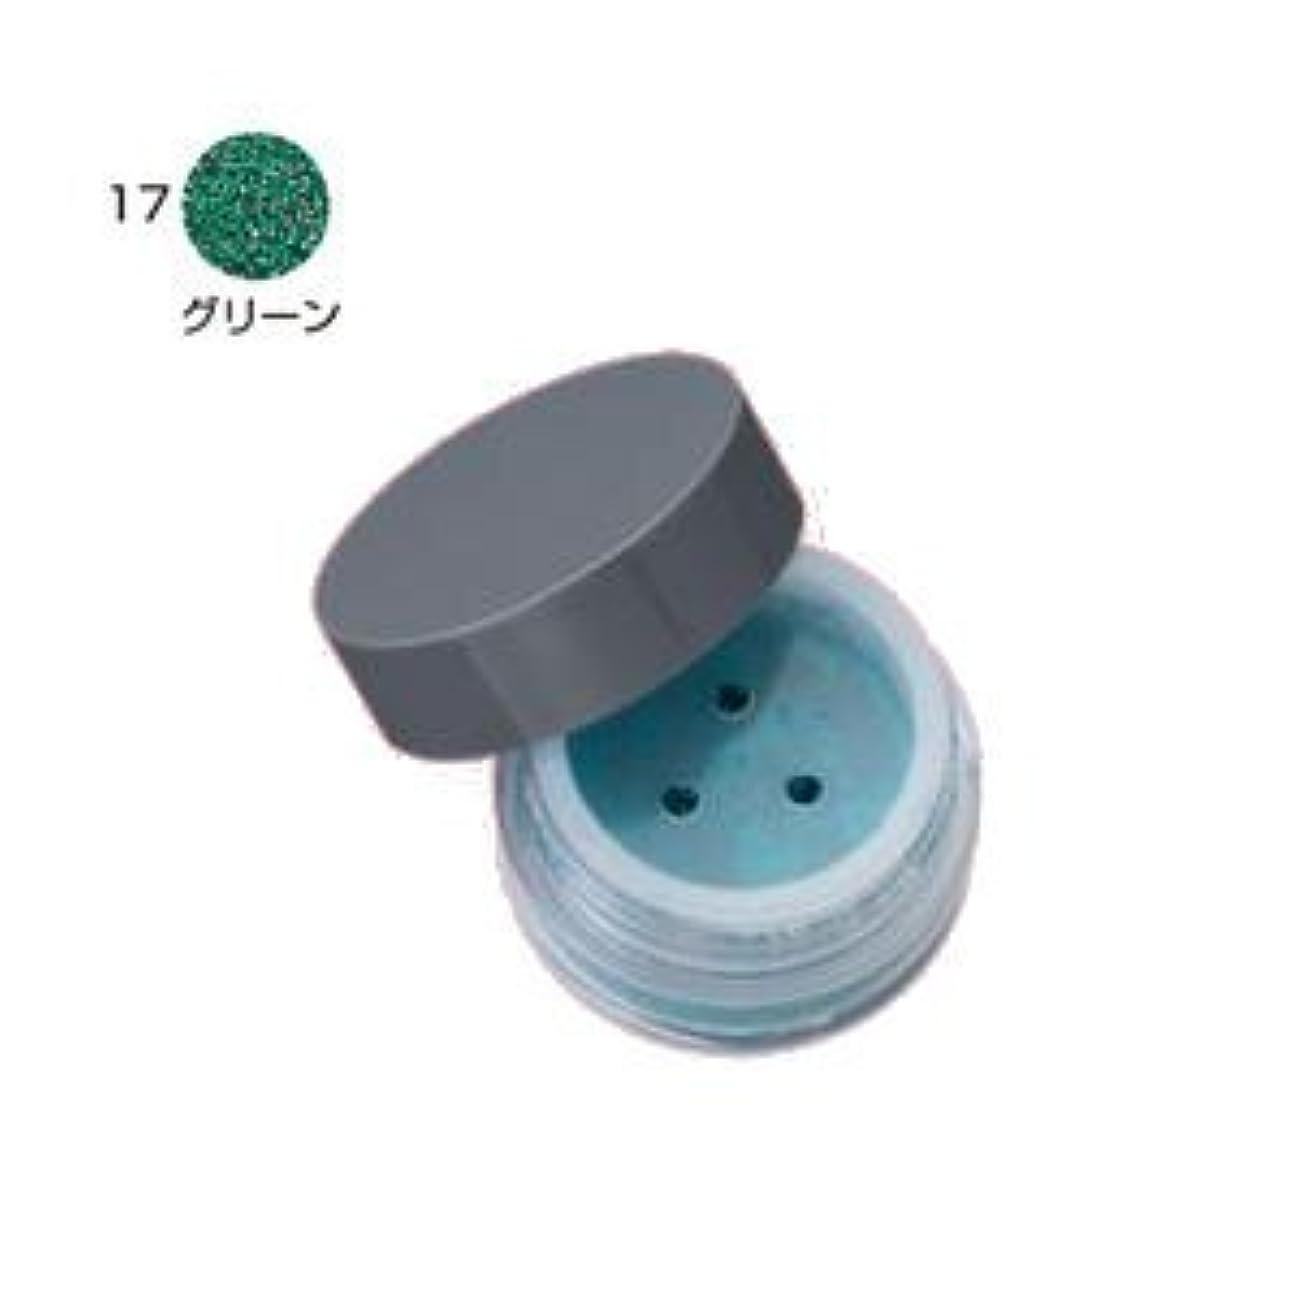 特権的ディプロマボウリング三善 ミツヨシ カラープリズム 17 グリーン